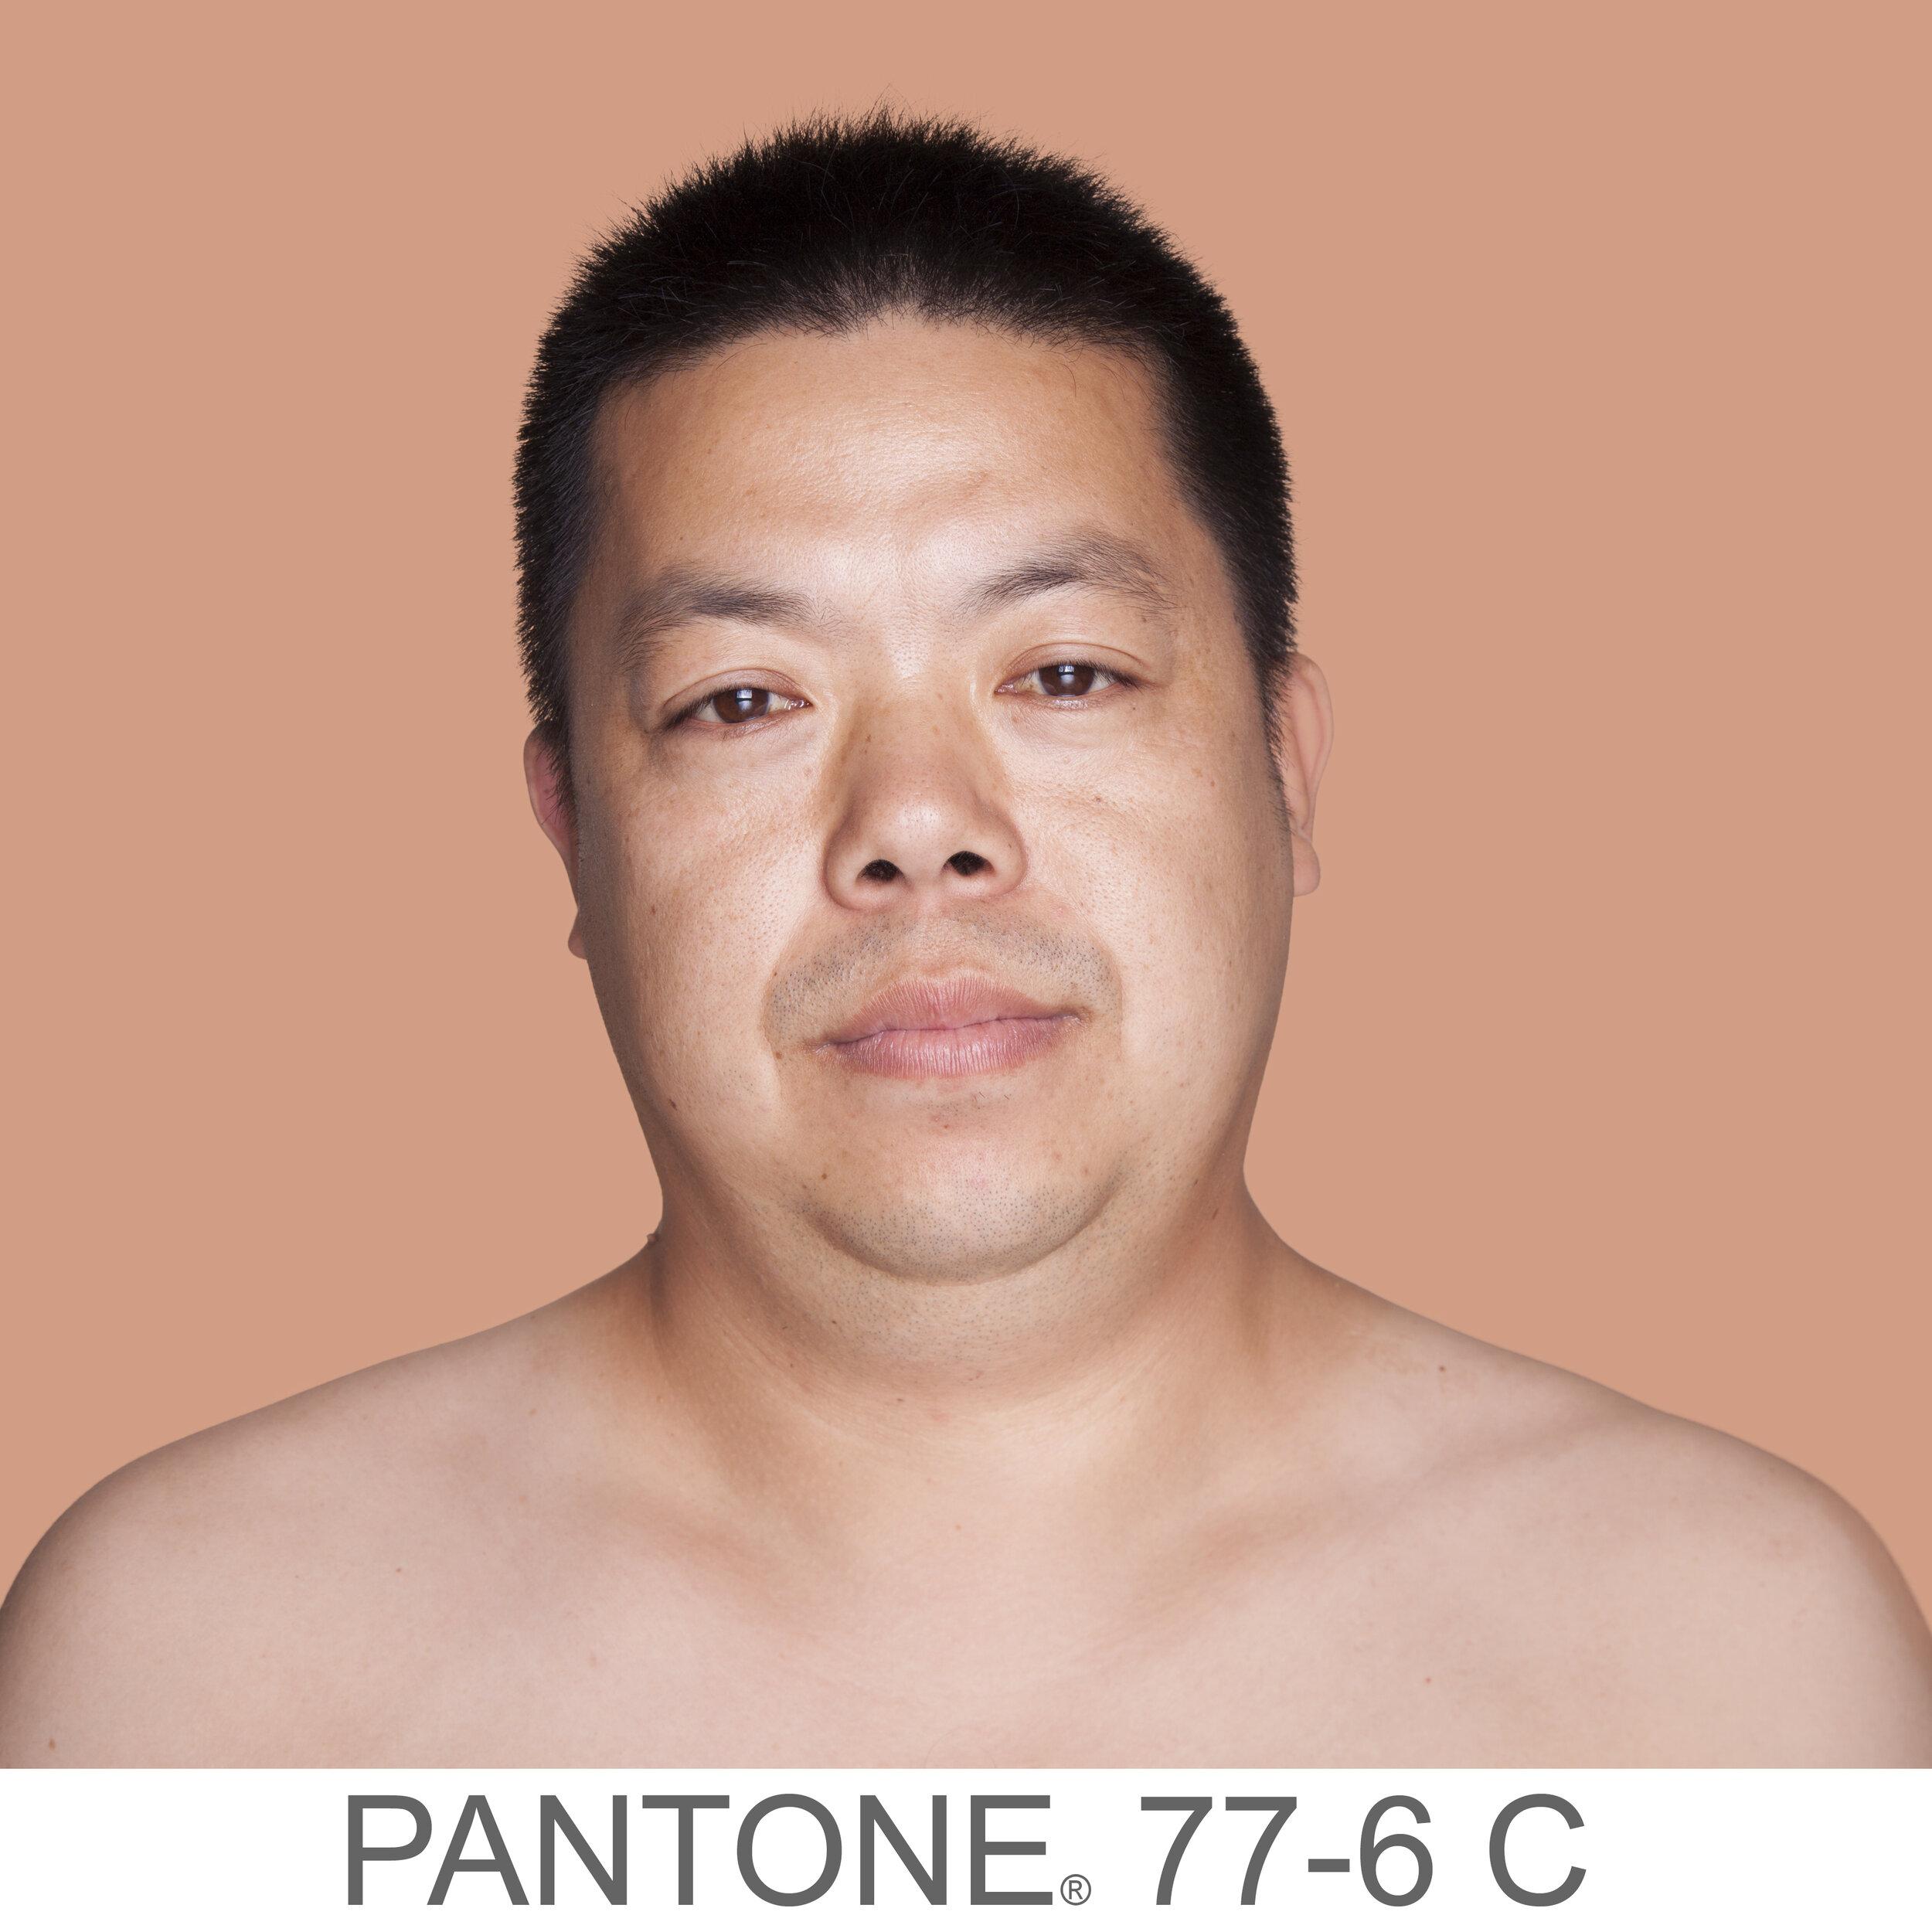 humanae 77-6 C CN copia.jpg